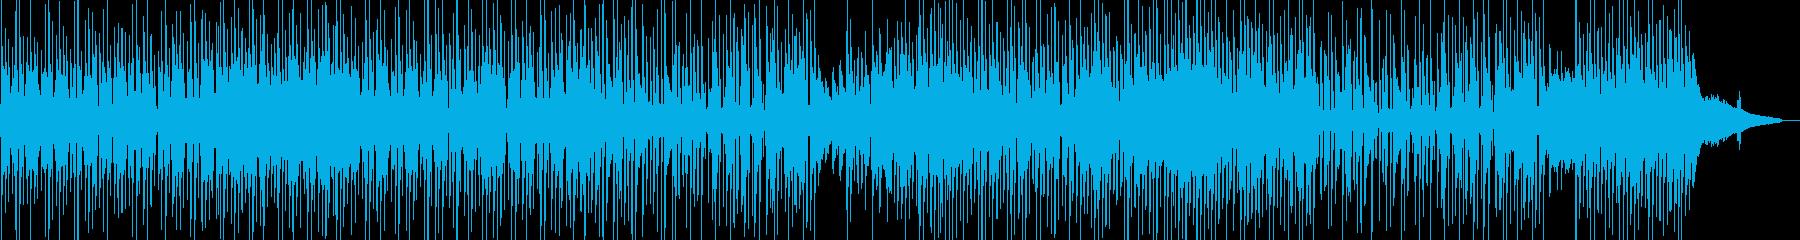 ウクレレ・ほのぼの映像や作品に 短尺の再生済みの波形